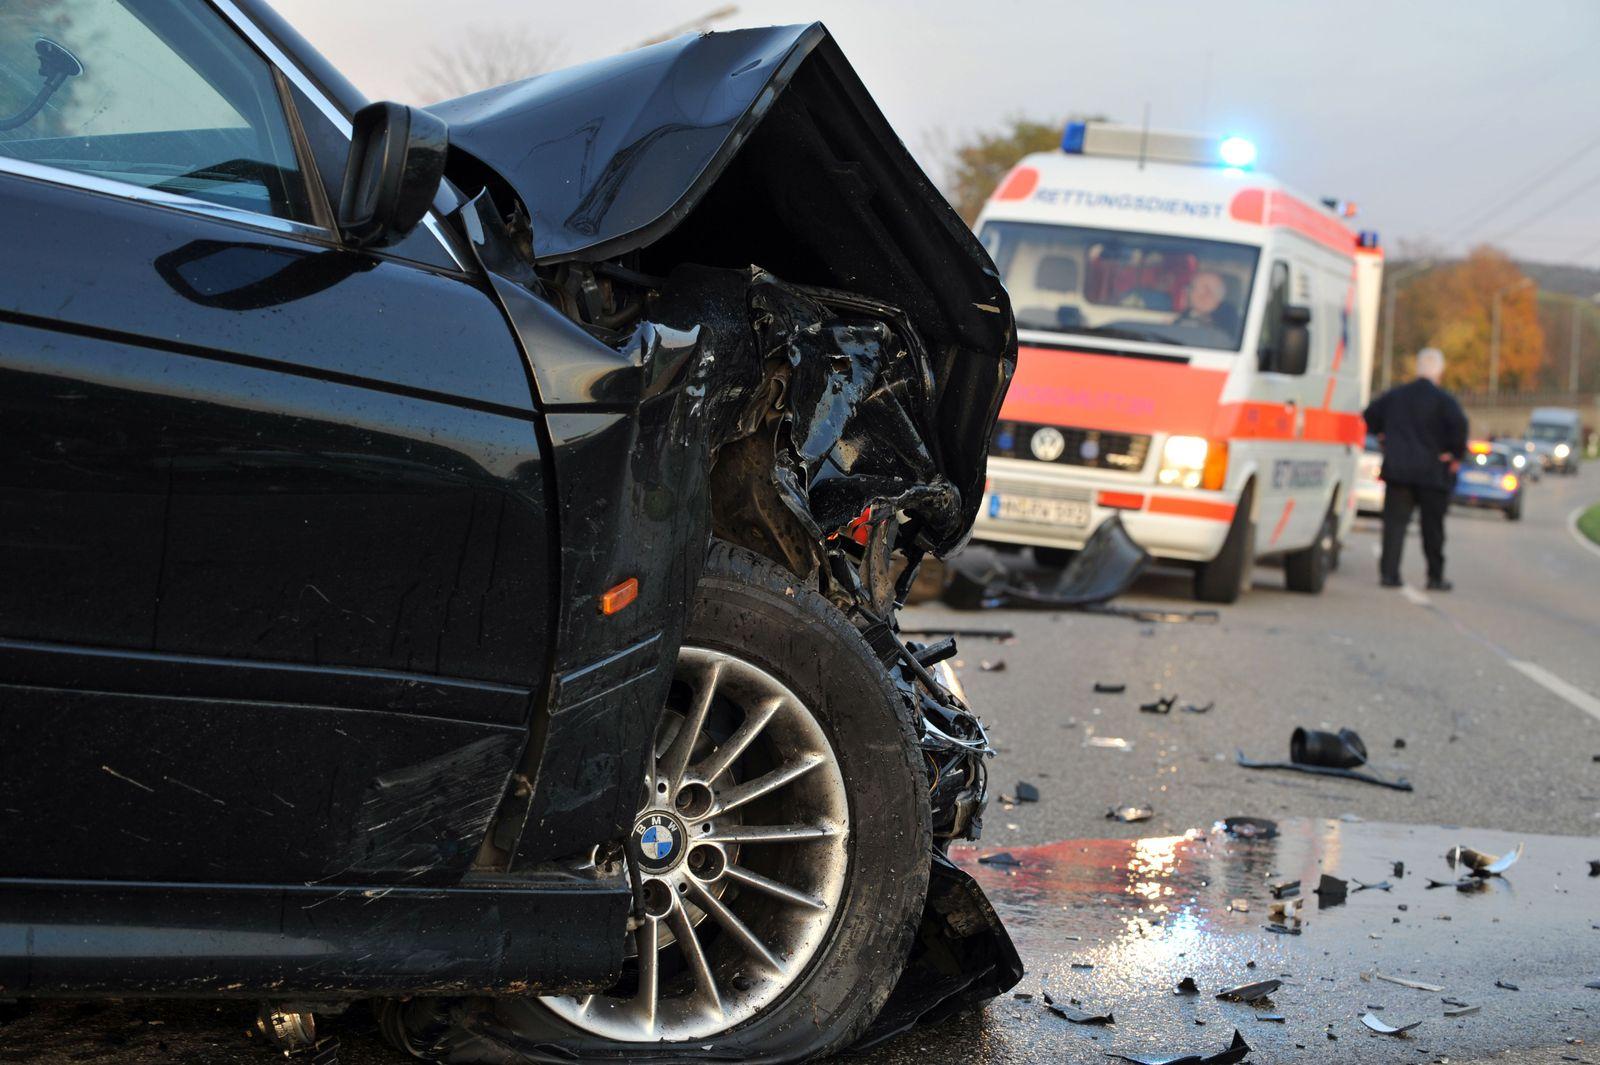 Autounfall / Unfall